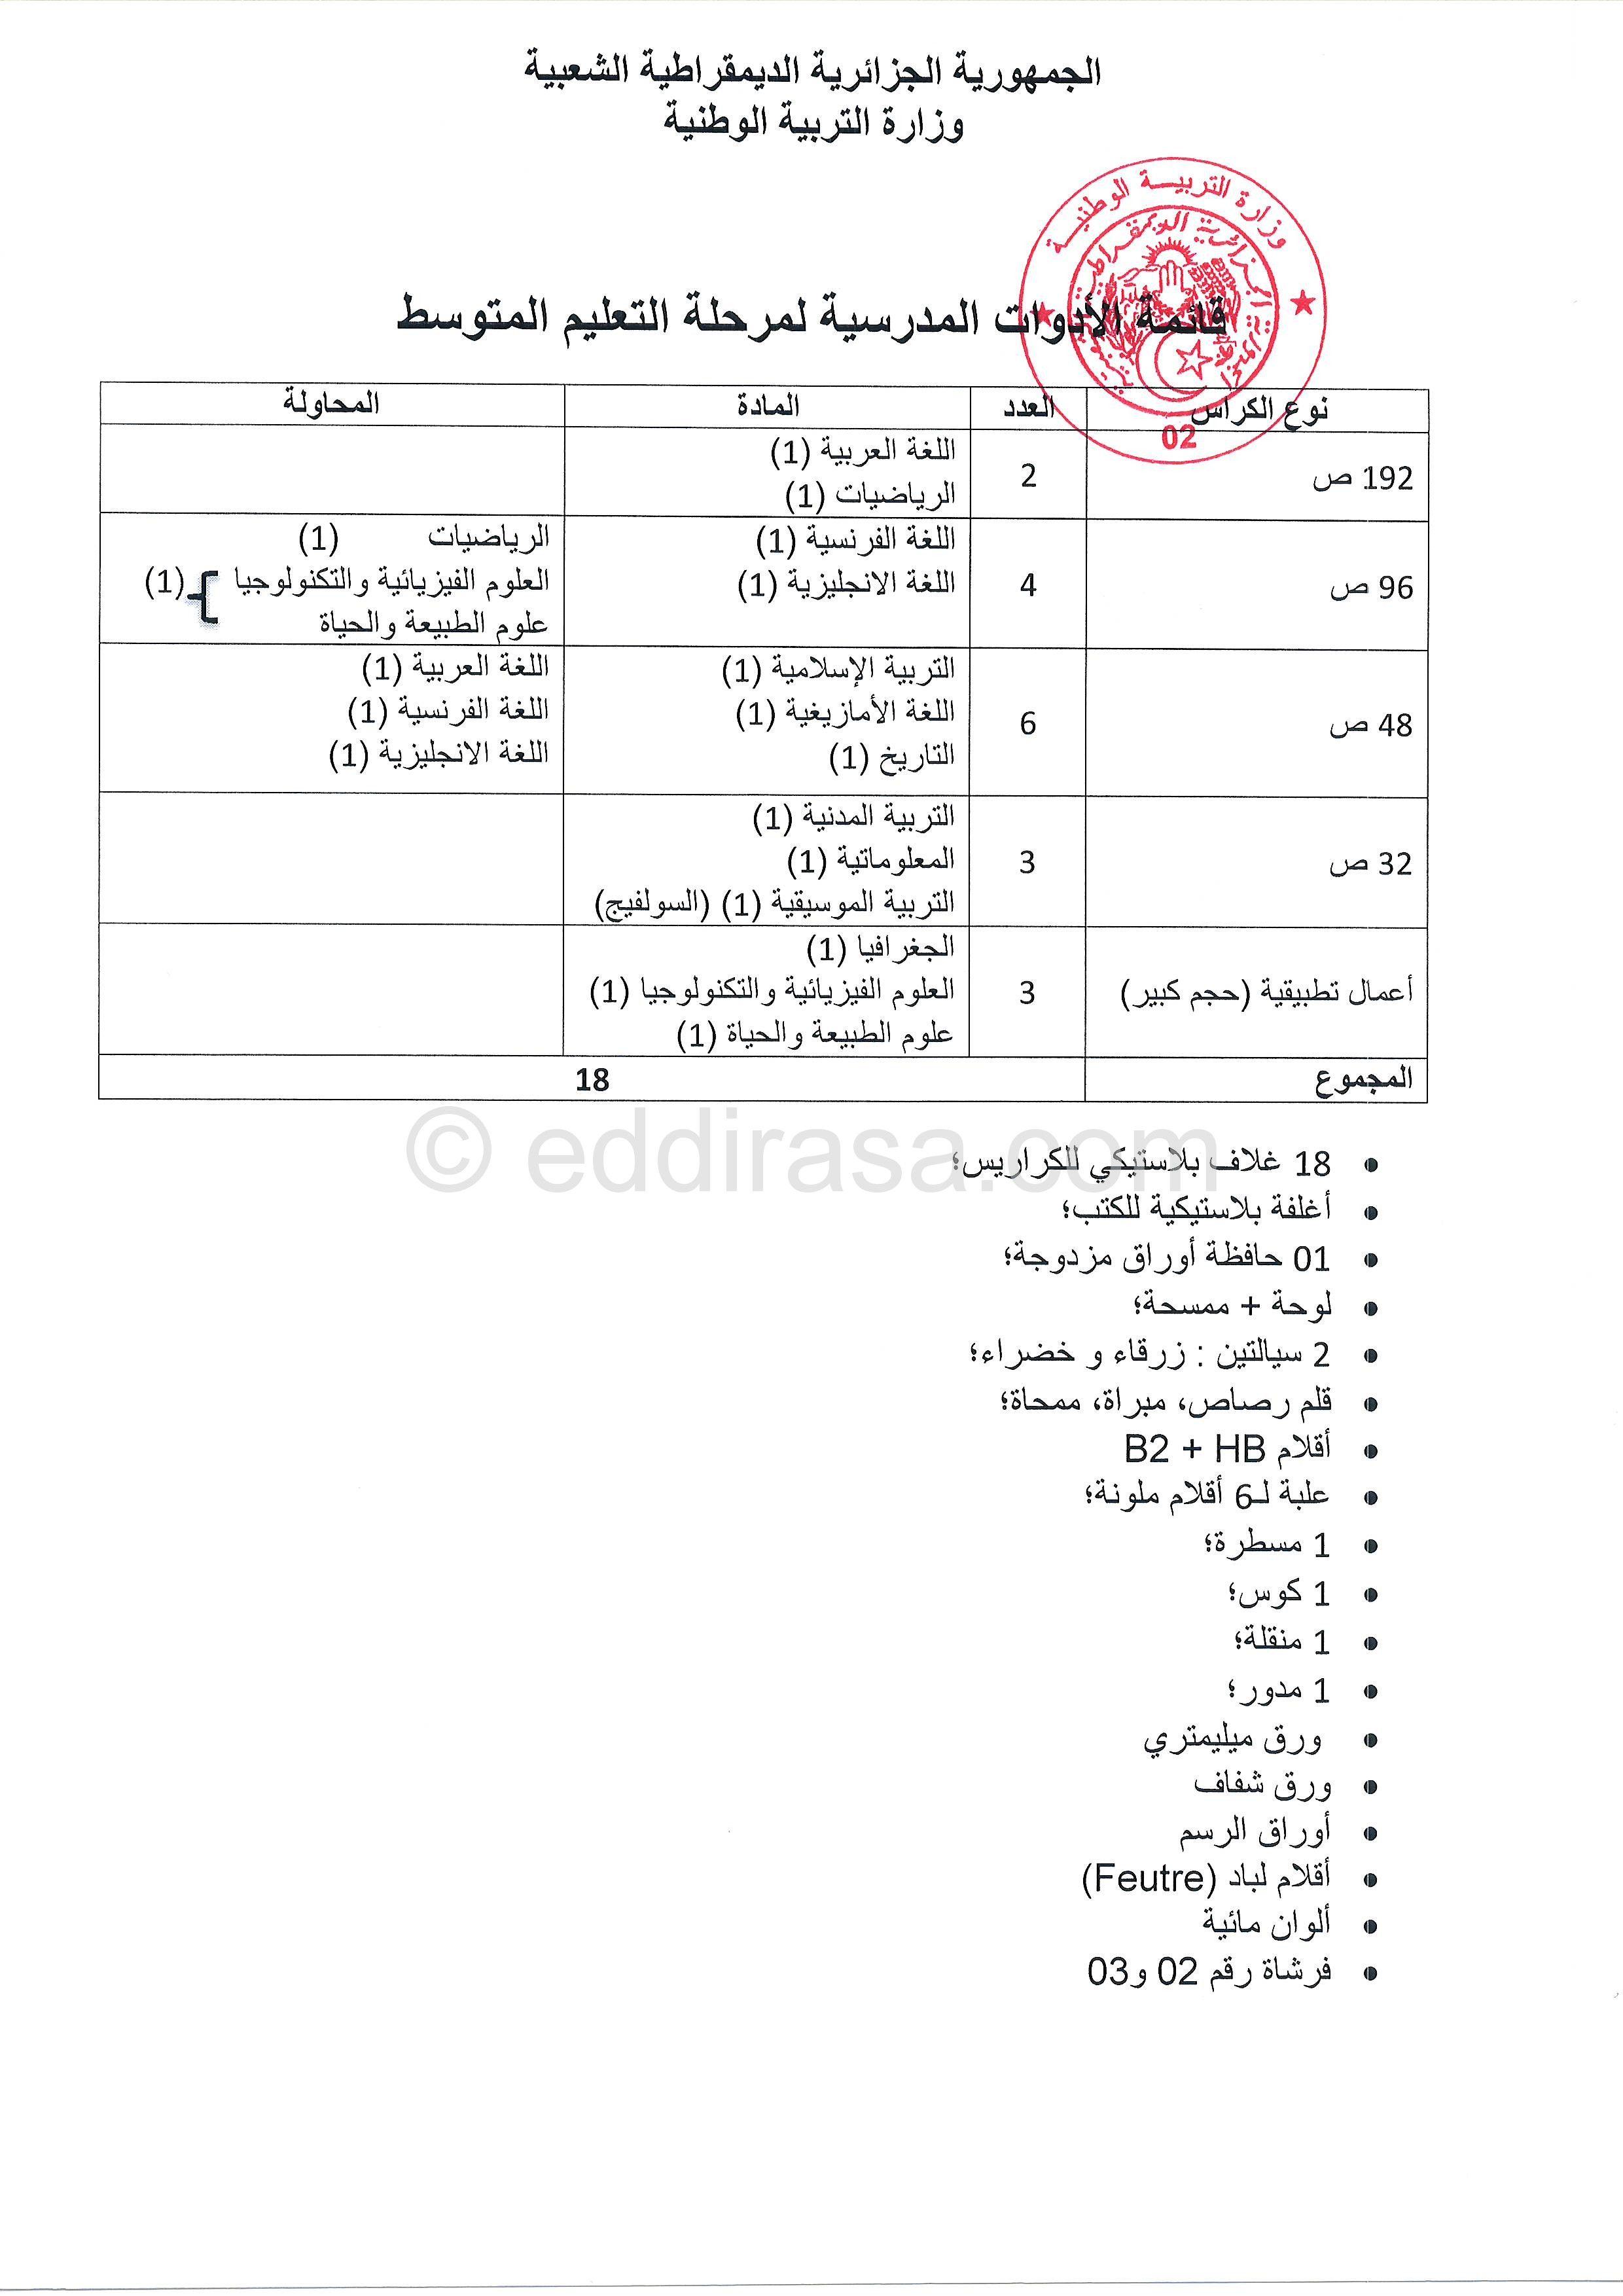 قائمة الأدوات المدرسية لجميع المستويات موقع الدراسة الجزائري Map Education Sl 1